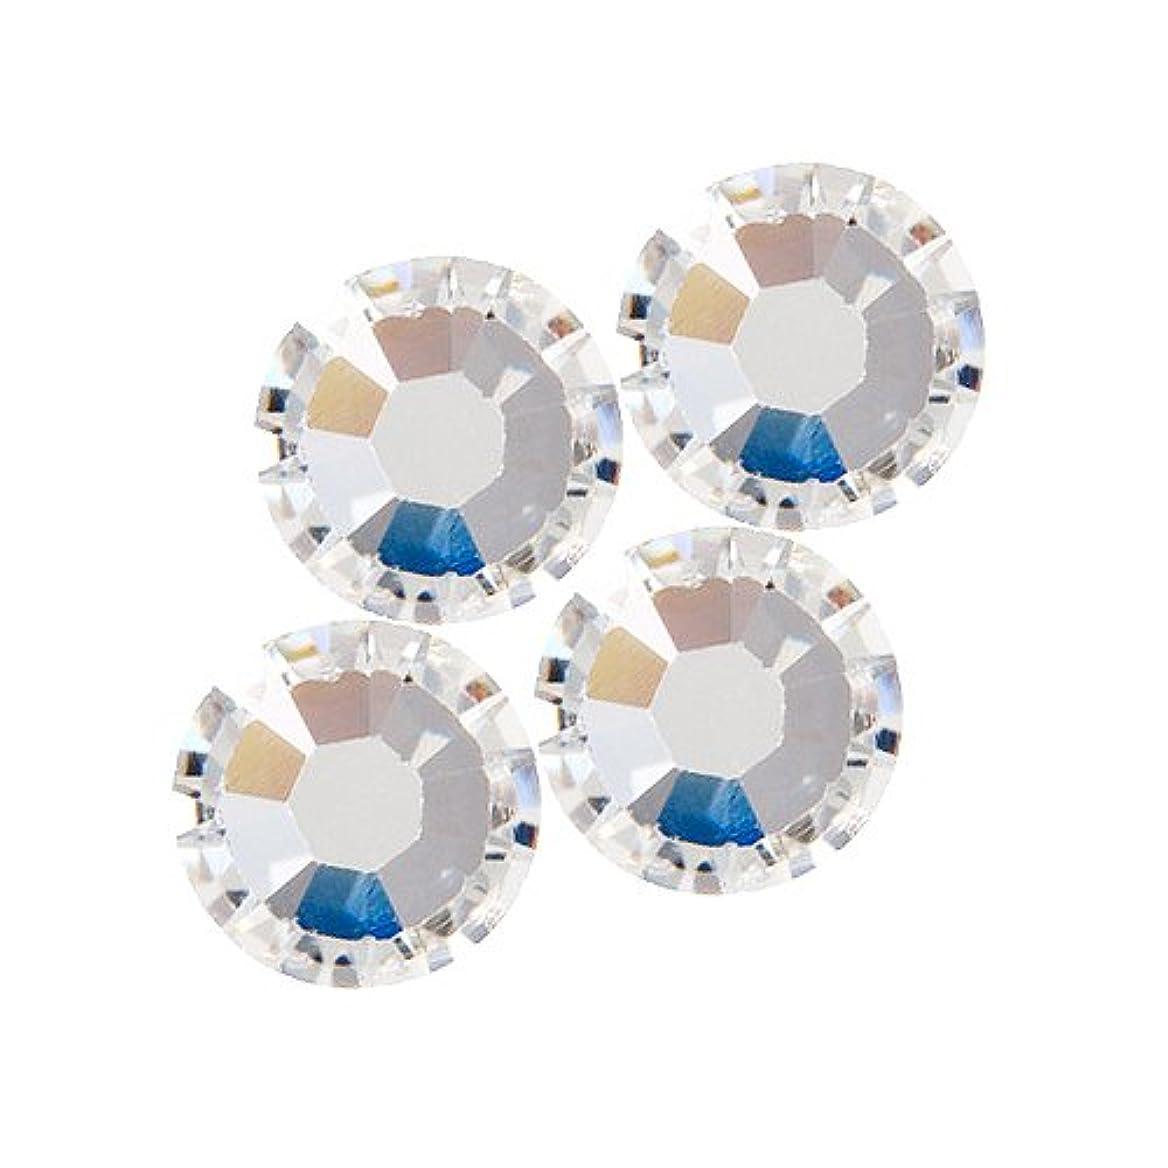 テスト後悔記念品バイナル DIAMOND RHINESTONE  クリスタル SS3 1440粒 ST-SS3-CRY-10G